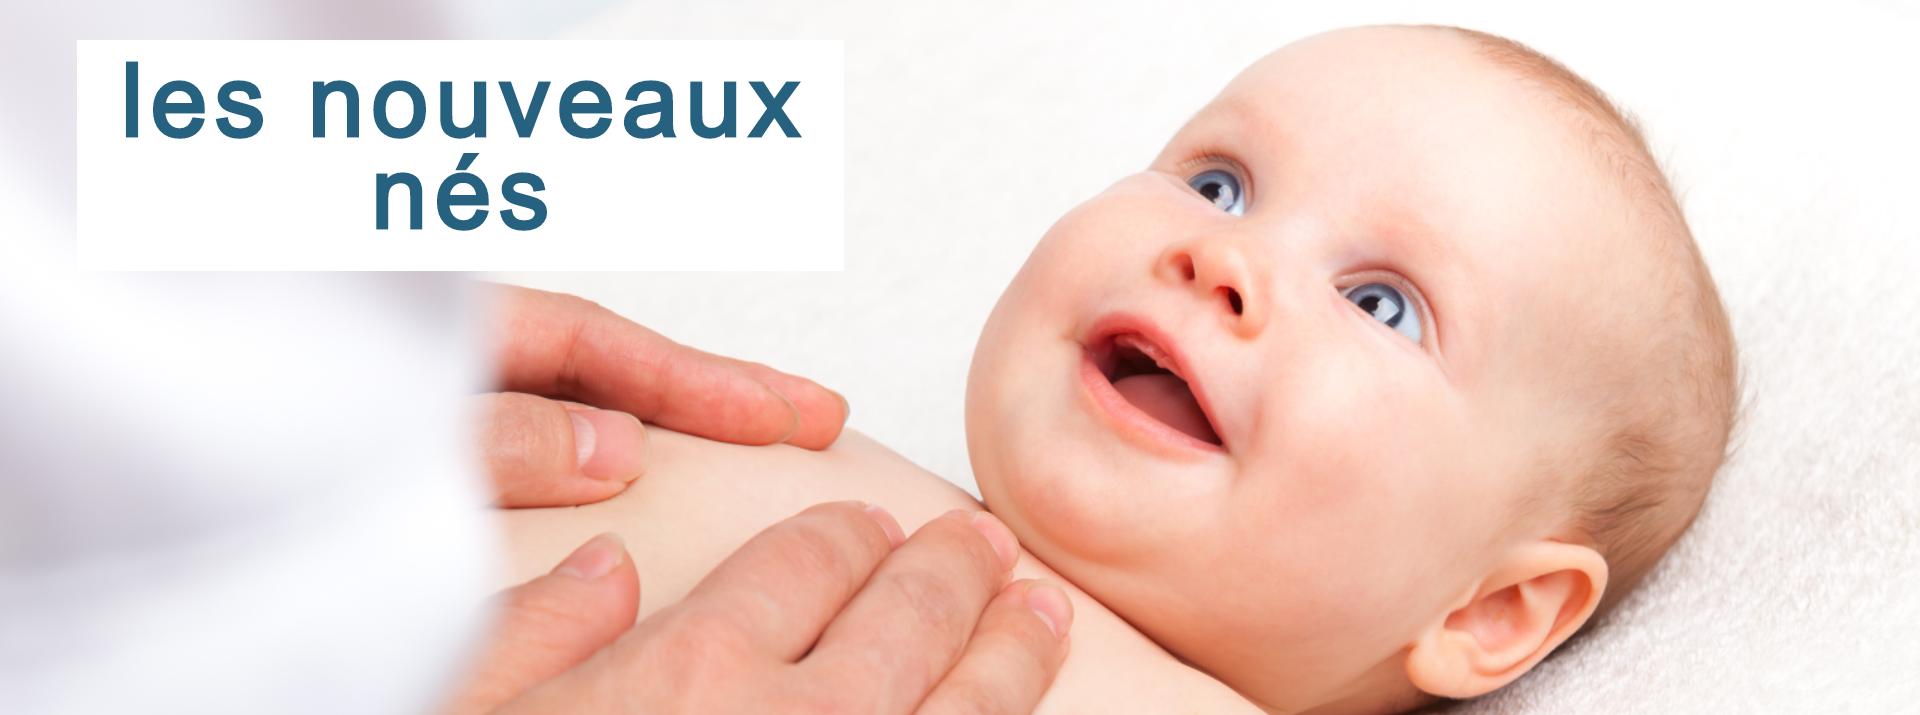 ostéopathe pour nouveaux nés